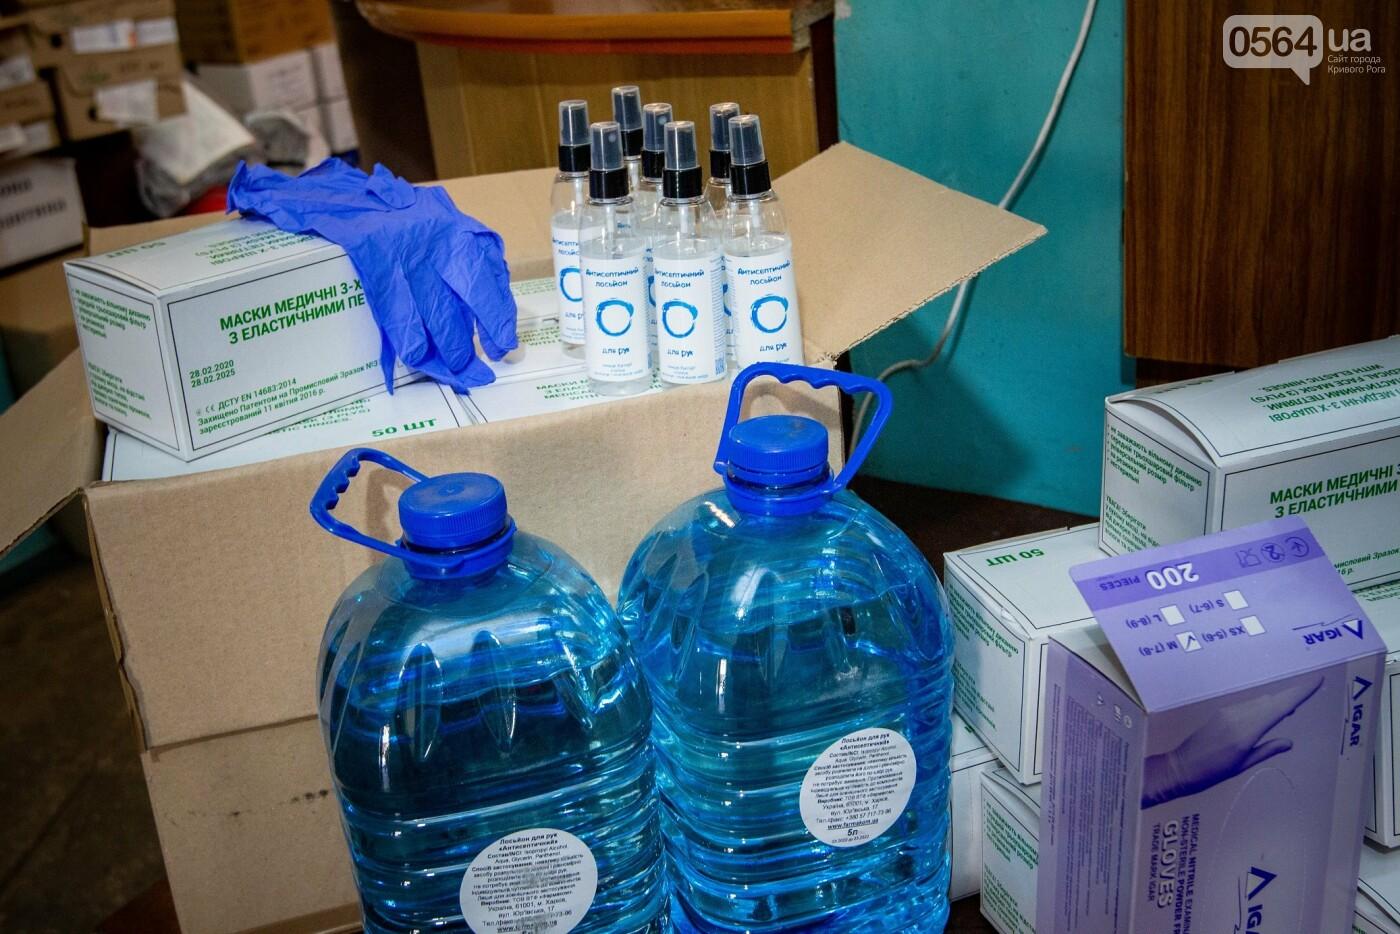 Криворожские предприятия Метинвеста организовали обеспечение сотрудников средствами индивидуальной защиты,  - ФОТО, фото-3